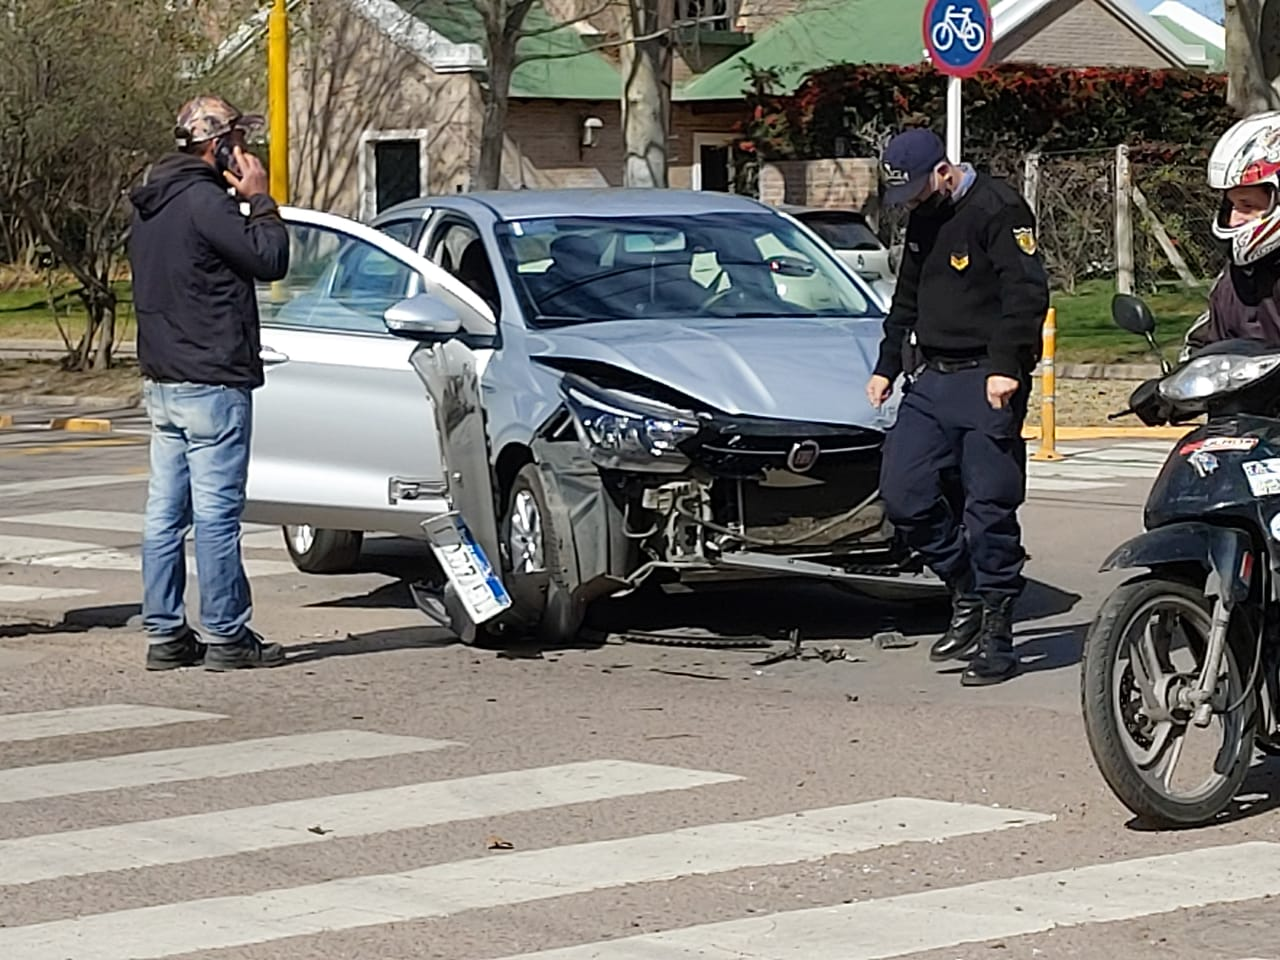 Fuerte choque de dos vehículos en Avenida San Martín y calle 115